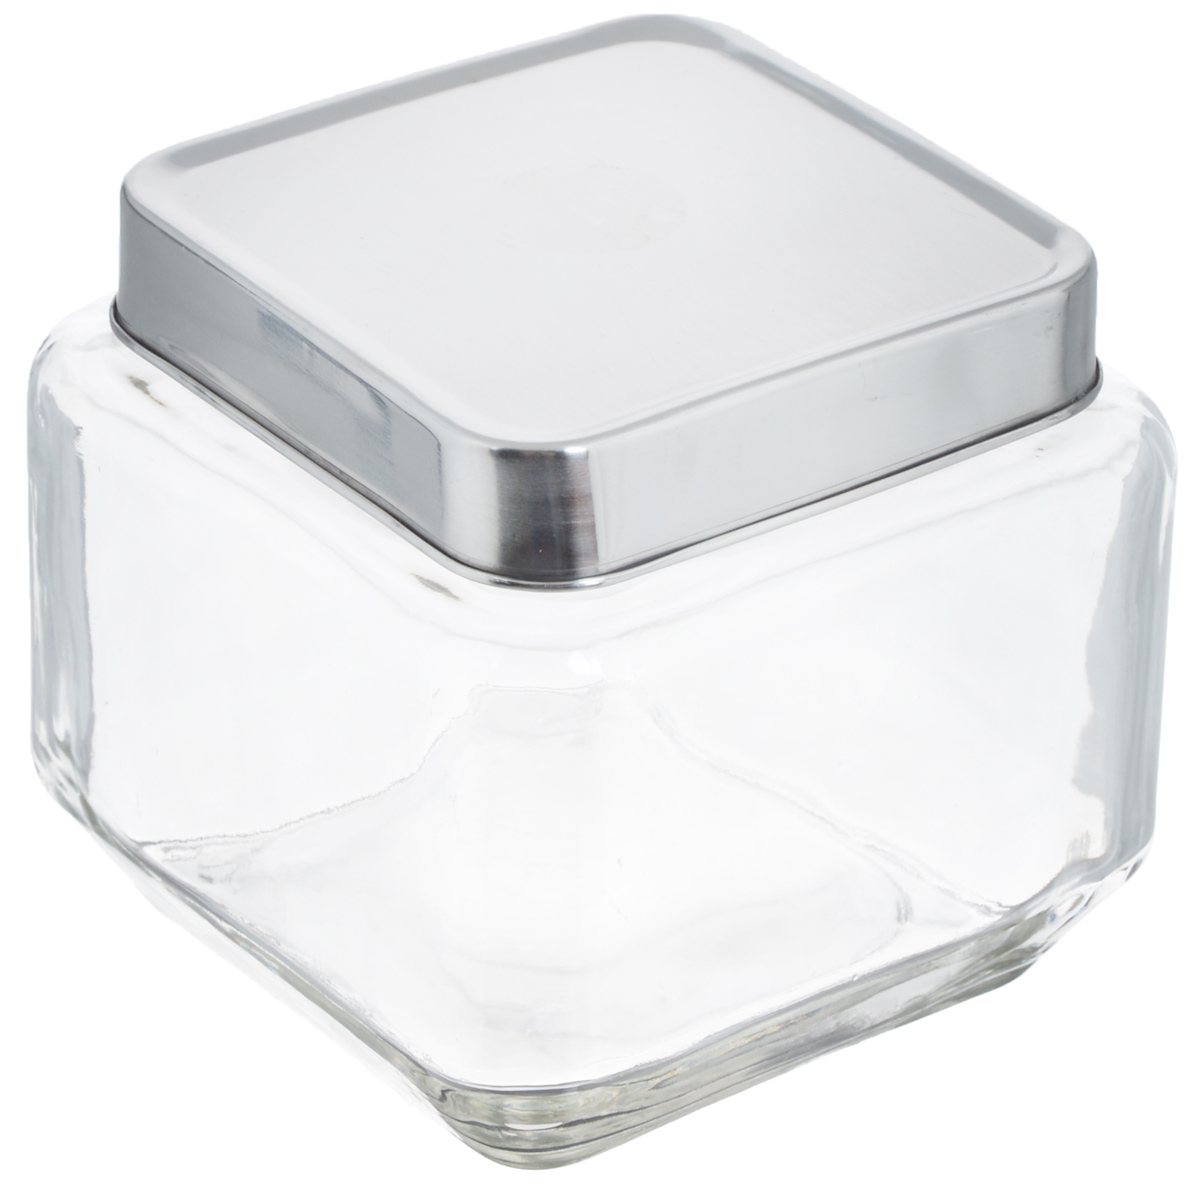 Банка для хранения Zeller, 700 мл19906Банка Zeller, изготовленная из прочного стекла, снабжена металлической крышкой, которая плотно и герметично закрывается, дольше сохраняя аромат и свежесть содержимого. Изделие подходит для хранения сыпучих продуктов: круп, чая, специй, орехов, сахара и многого другого. Функциональная и вместительная, такая банка станет незаменимым аксессуаром на любой кухне. Размер банки (с учетом крышки): 10,5 х 10,5 х 10,5 см.